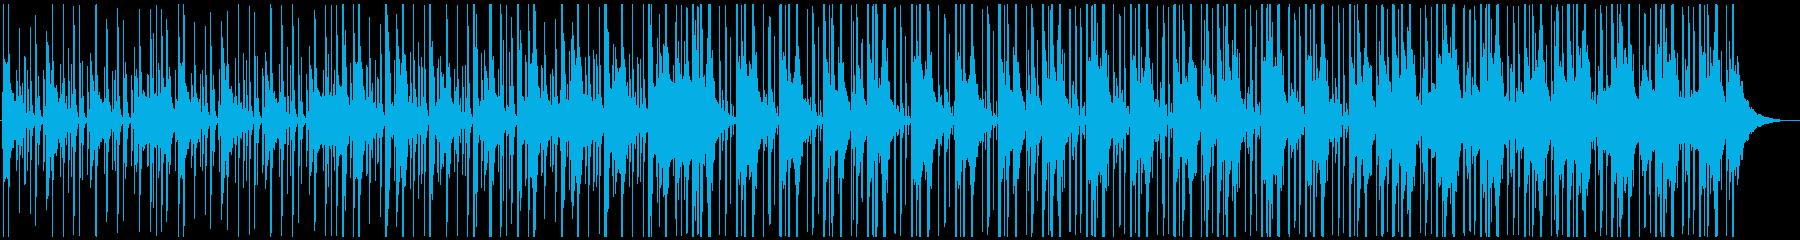 実験的 広い 壮大 神経質 エーテ...の再生済みの波形